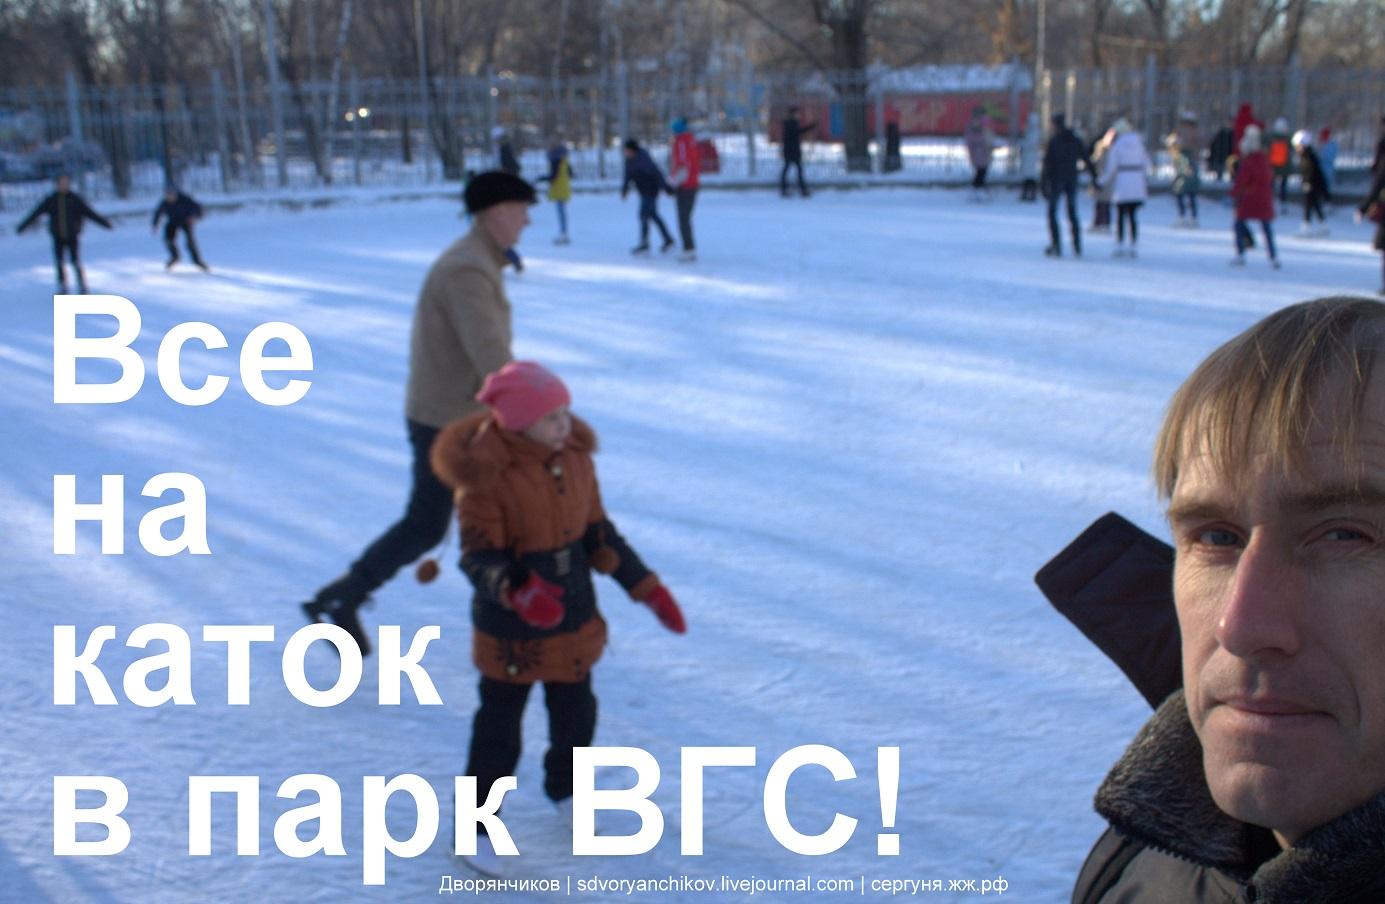 Каток в парке ВГС - Волжский, 22 января 2017